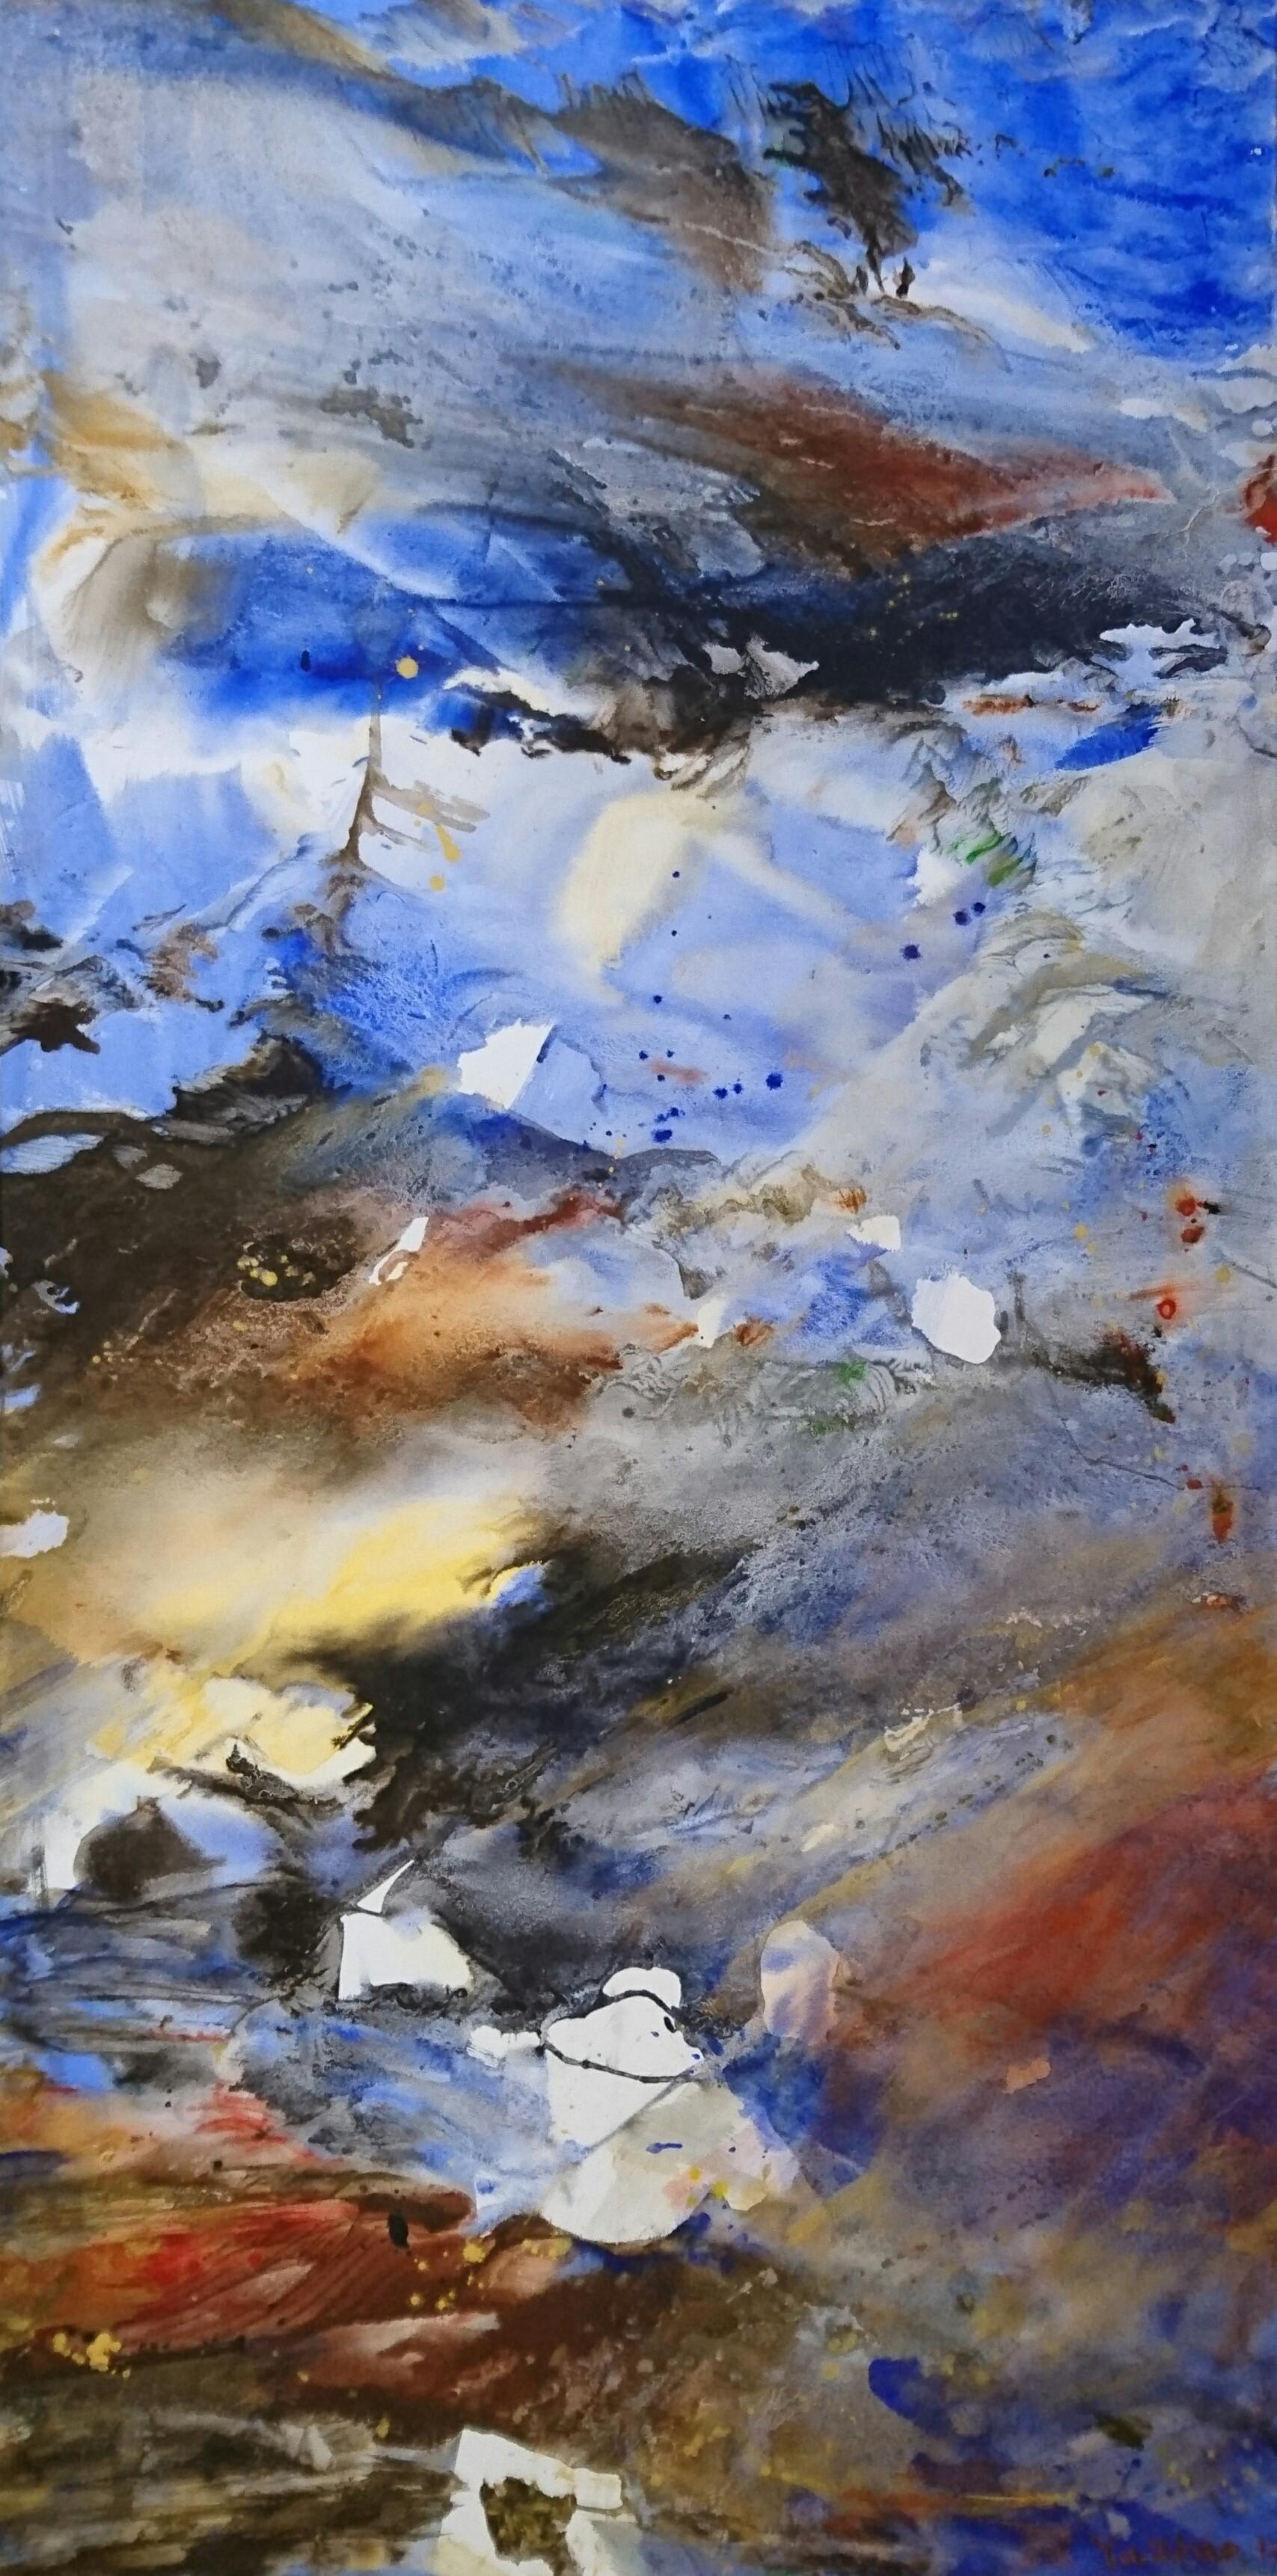 Yu Zhao, Naissance de la lumière, tempera/paper/canvas, 150x75cm, 2017, collection of Thetis fondation, Venice